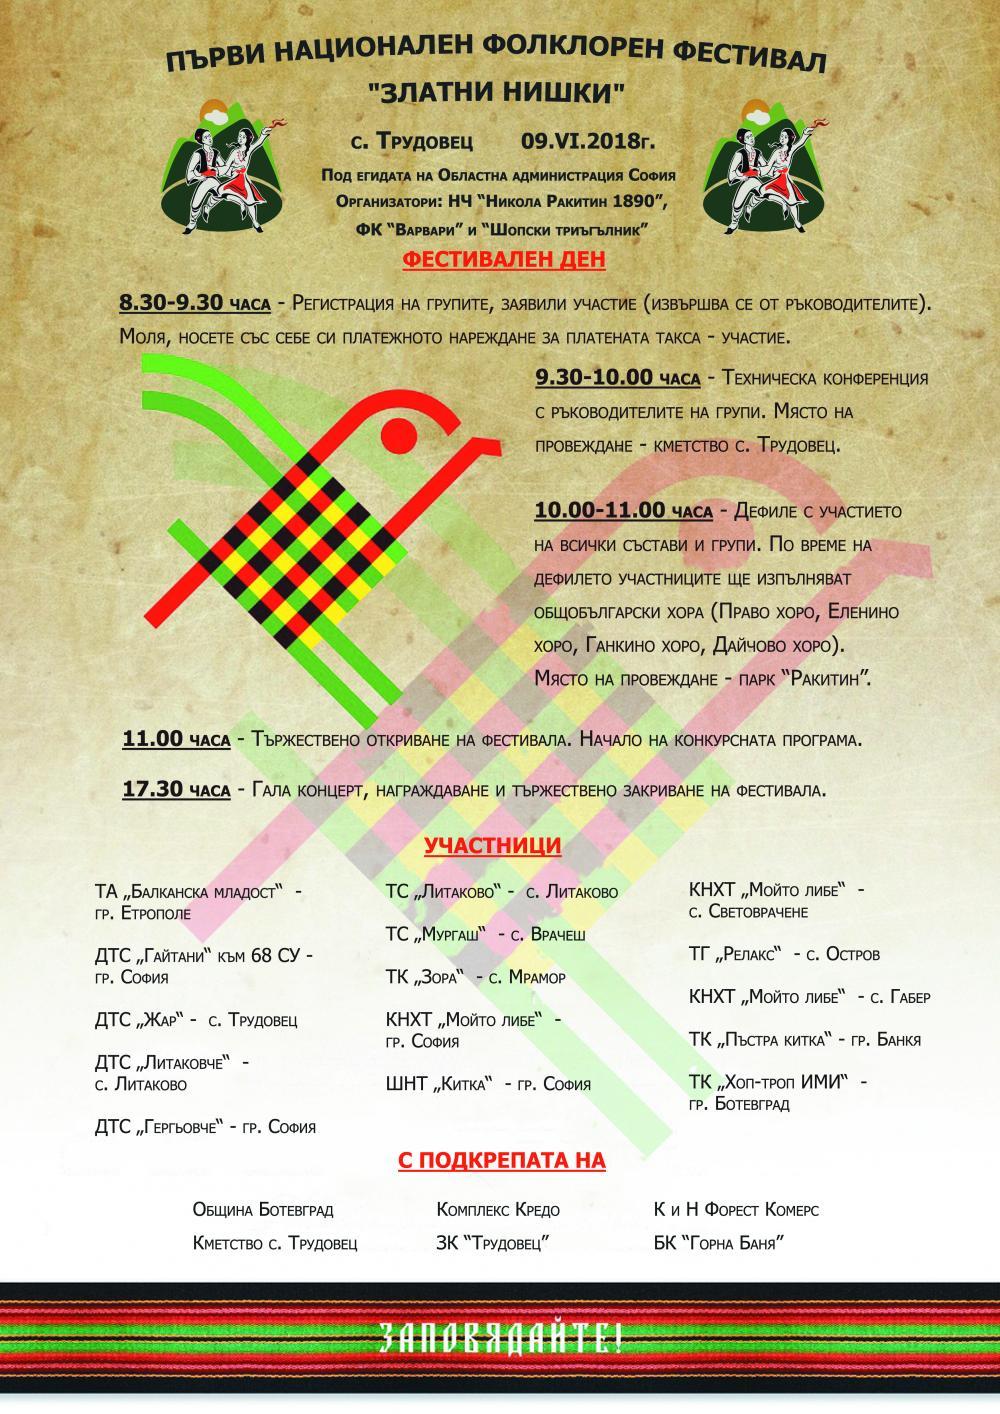 """Фолклорен фестивал """"Златни нишки"""" в село Трудовец на 9-ти юни"""